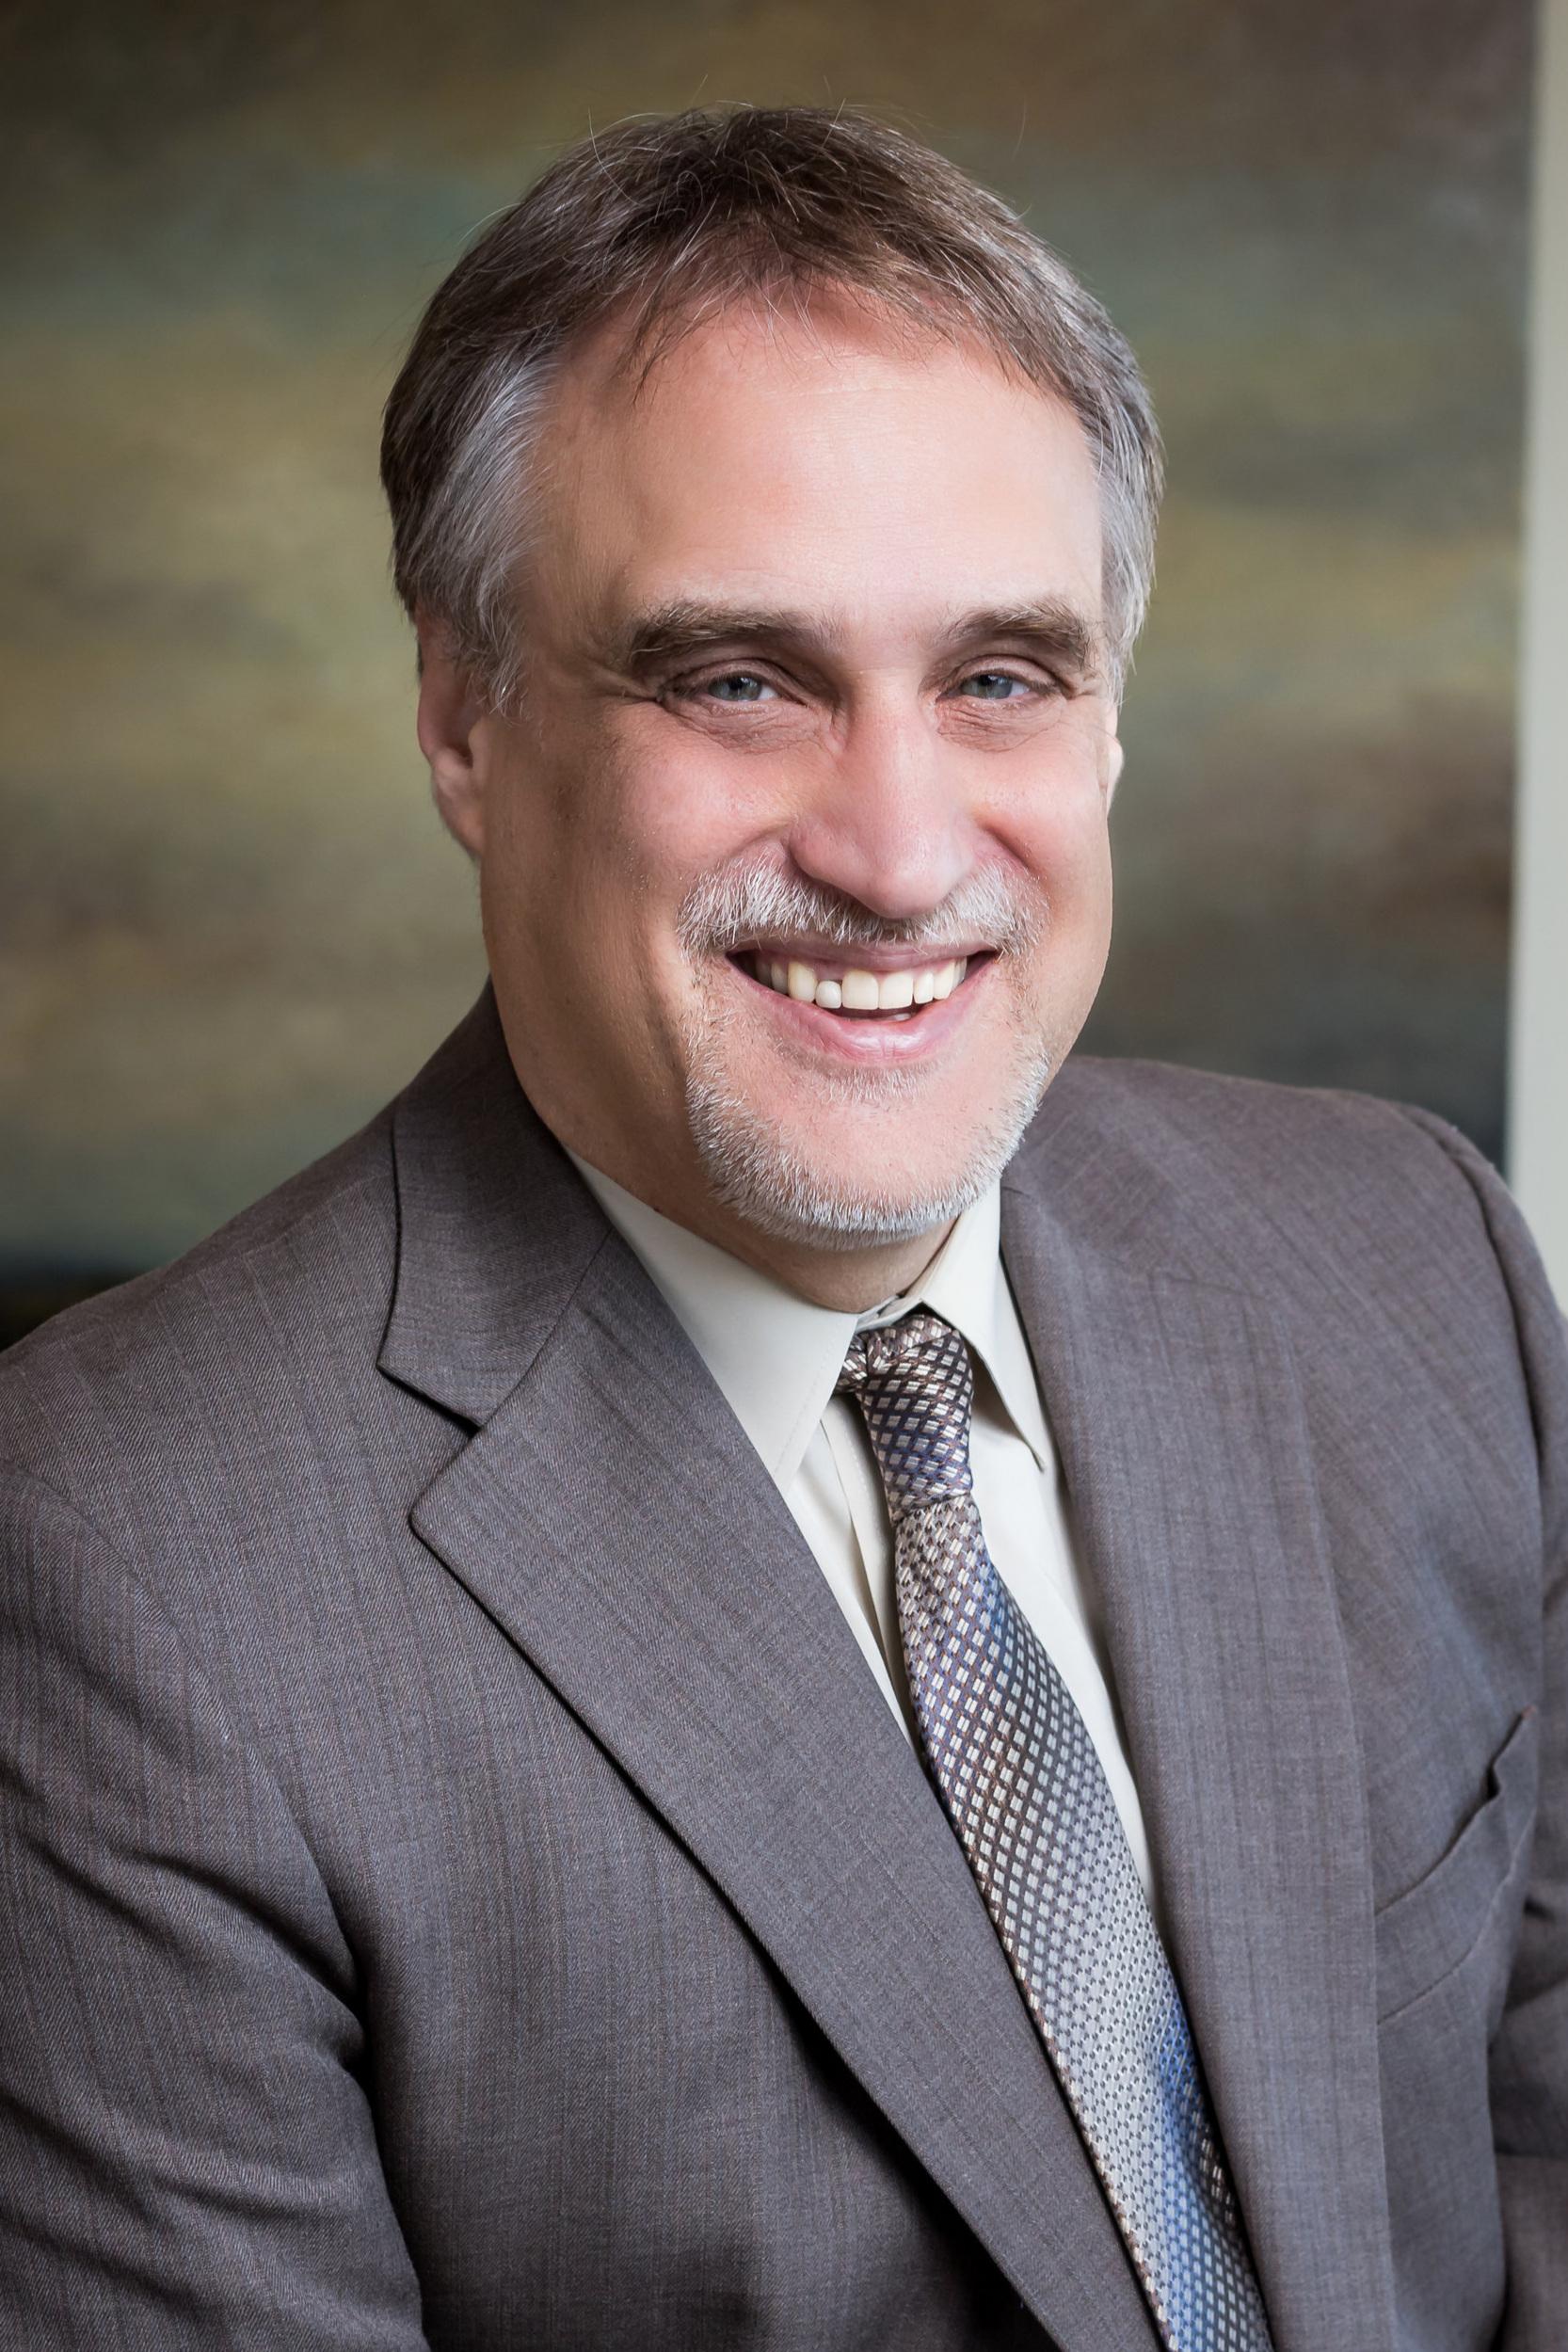 Bradley W. Andersen - Shareholder